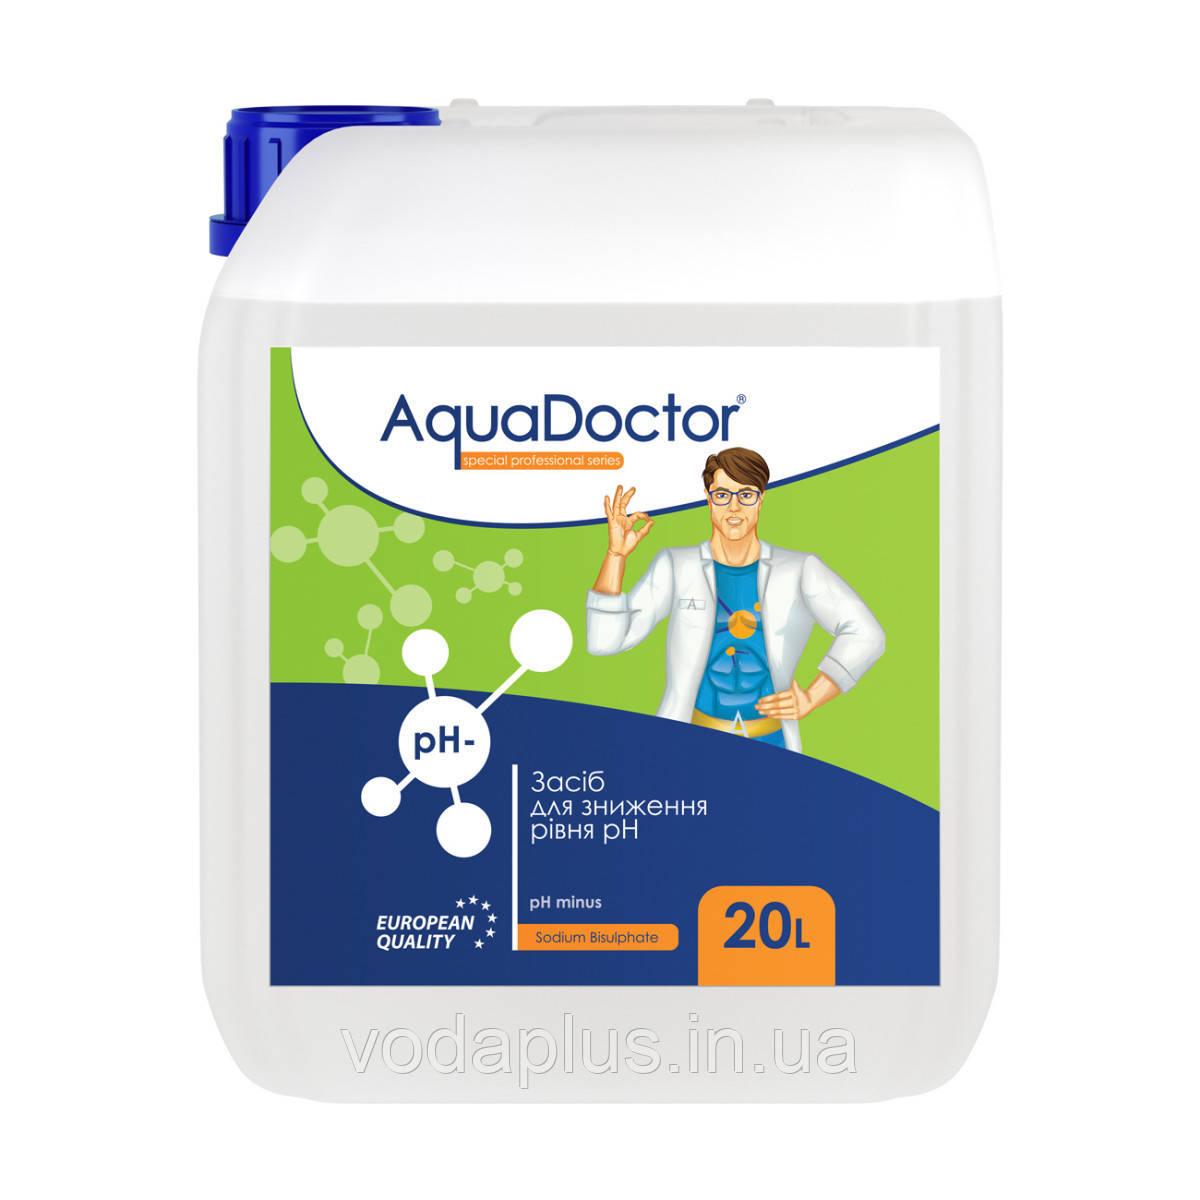 Средство для понижения уровня рН AquaDoctor pH Minus (Серная 35%)